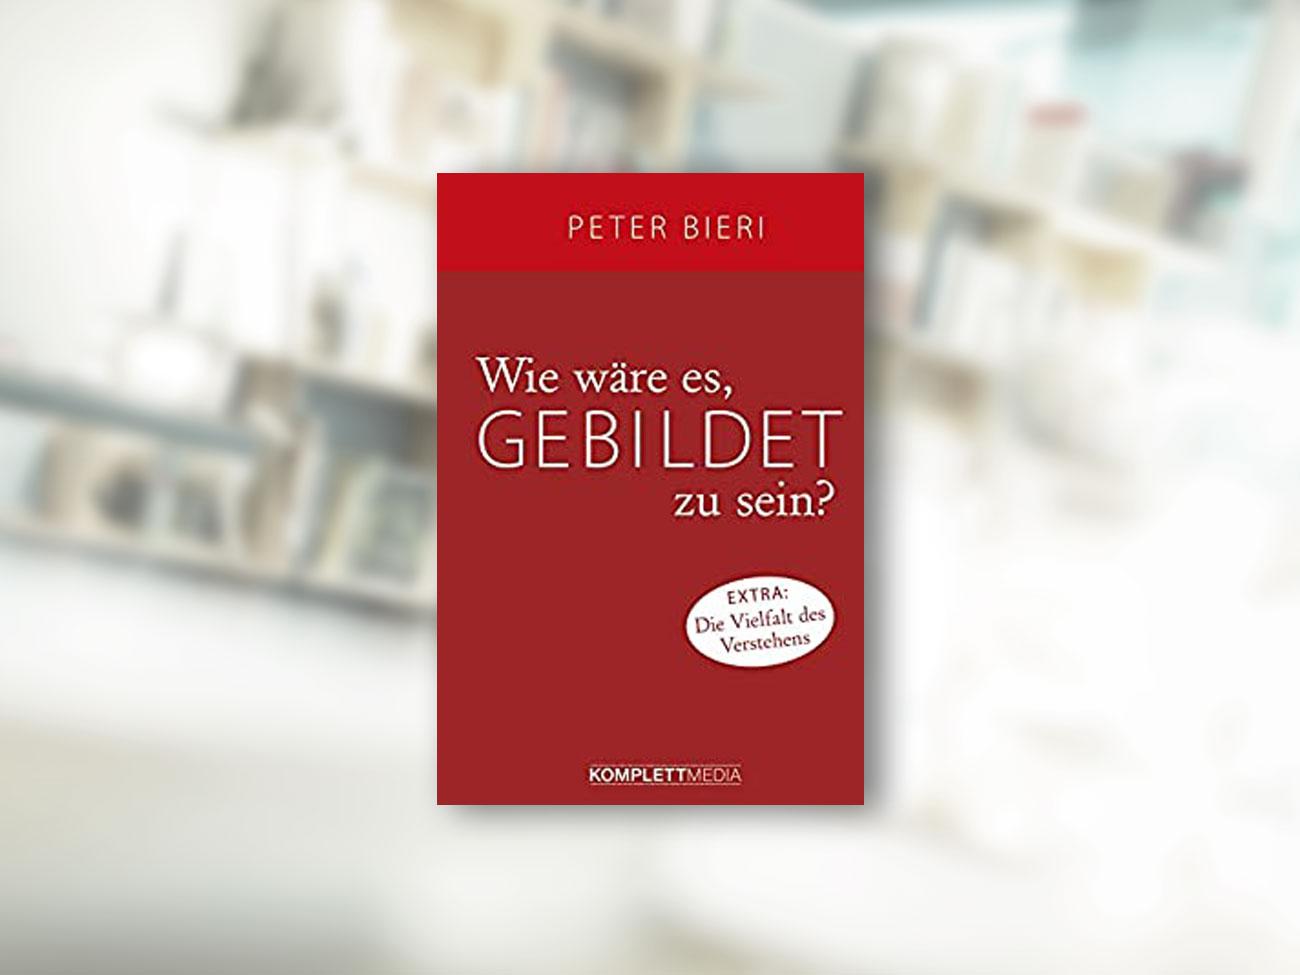 Peter Bieri, Wie wäre es, gebildet zu sein?